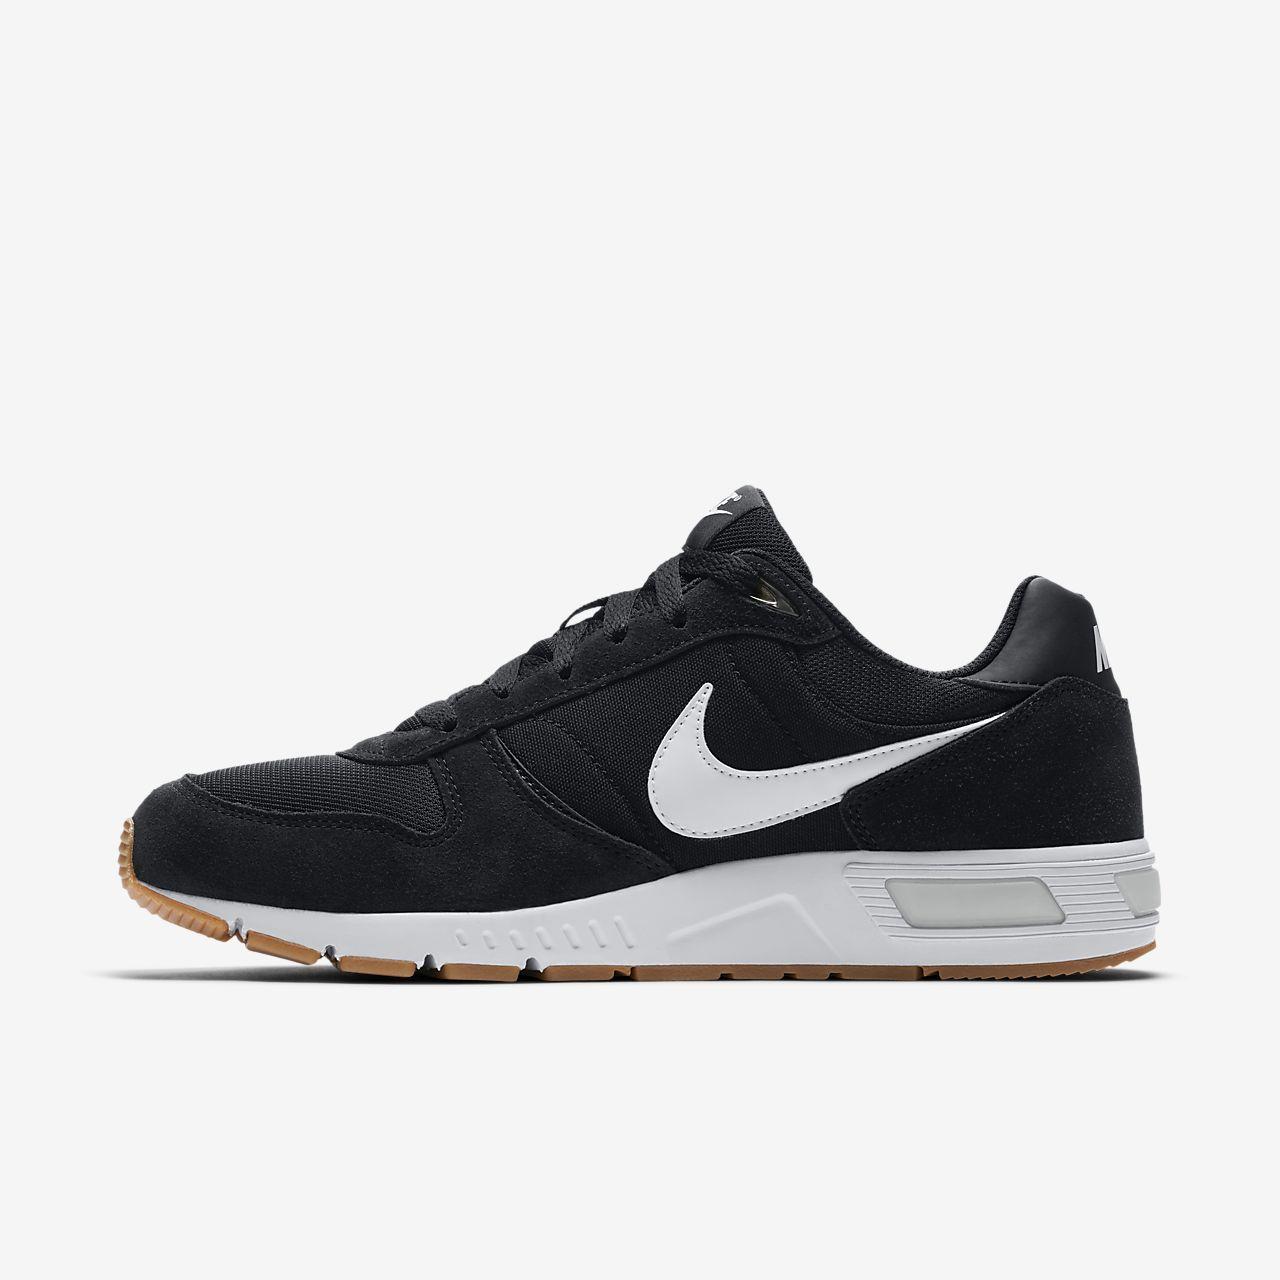 6e8ea58a7f2594 Low Resolution Nike Nightgazer Men s Shoe Nike Nightgazer Men s Shoe